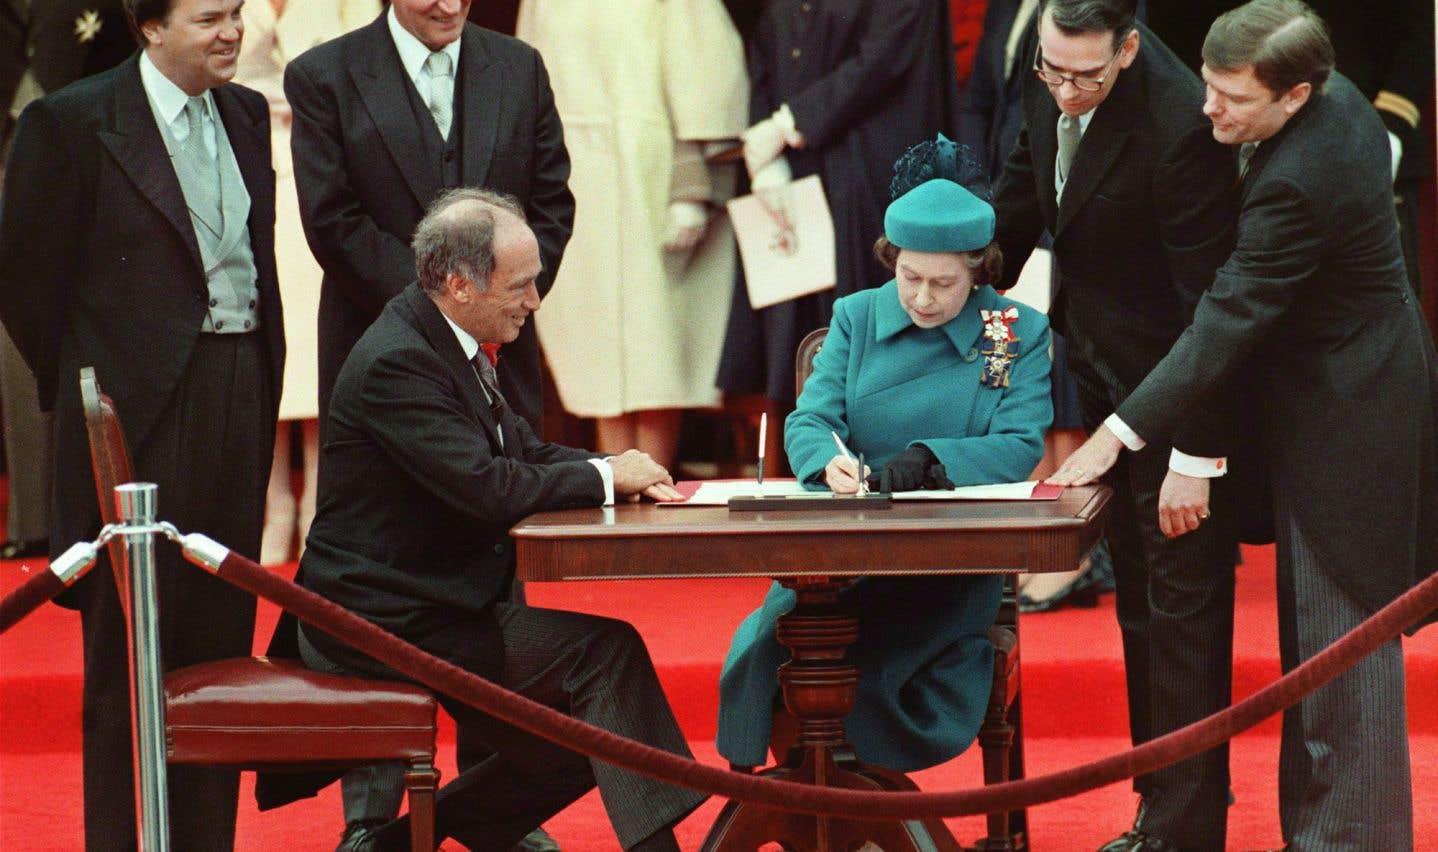 La reine Elizabeth II et le premier ministre Pierre Elliot Trudeau, au moment de signer la Loi de 1982, qui a permis le rapatriement de la Constitution canadienne en avril 1982.